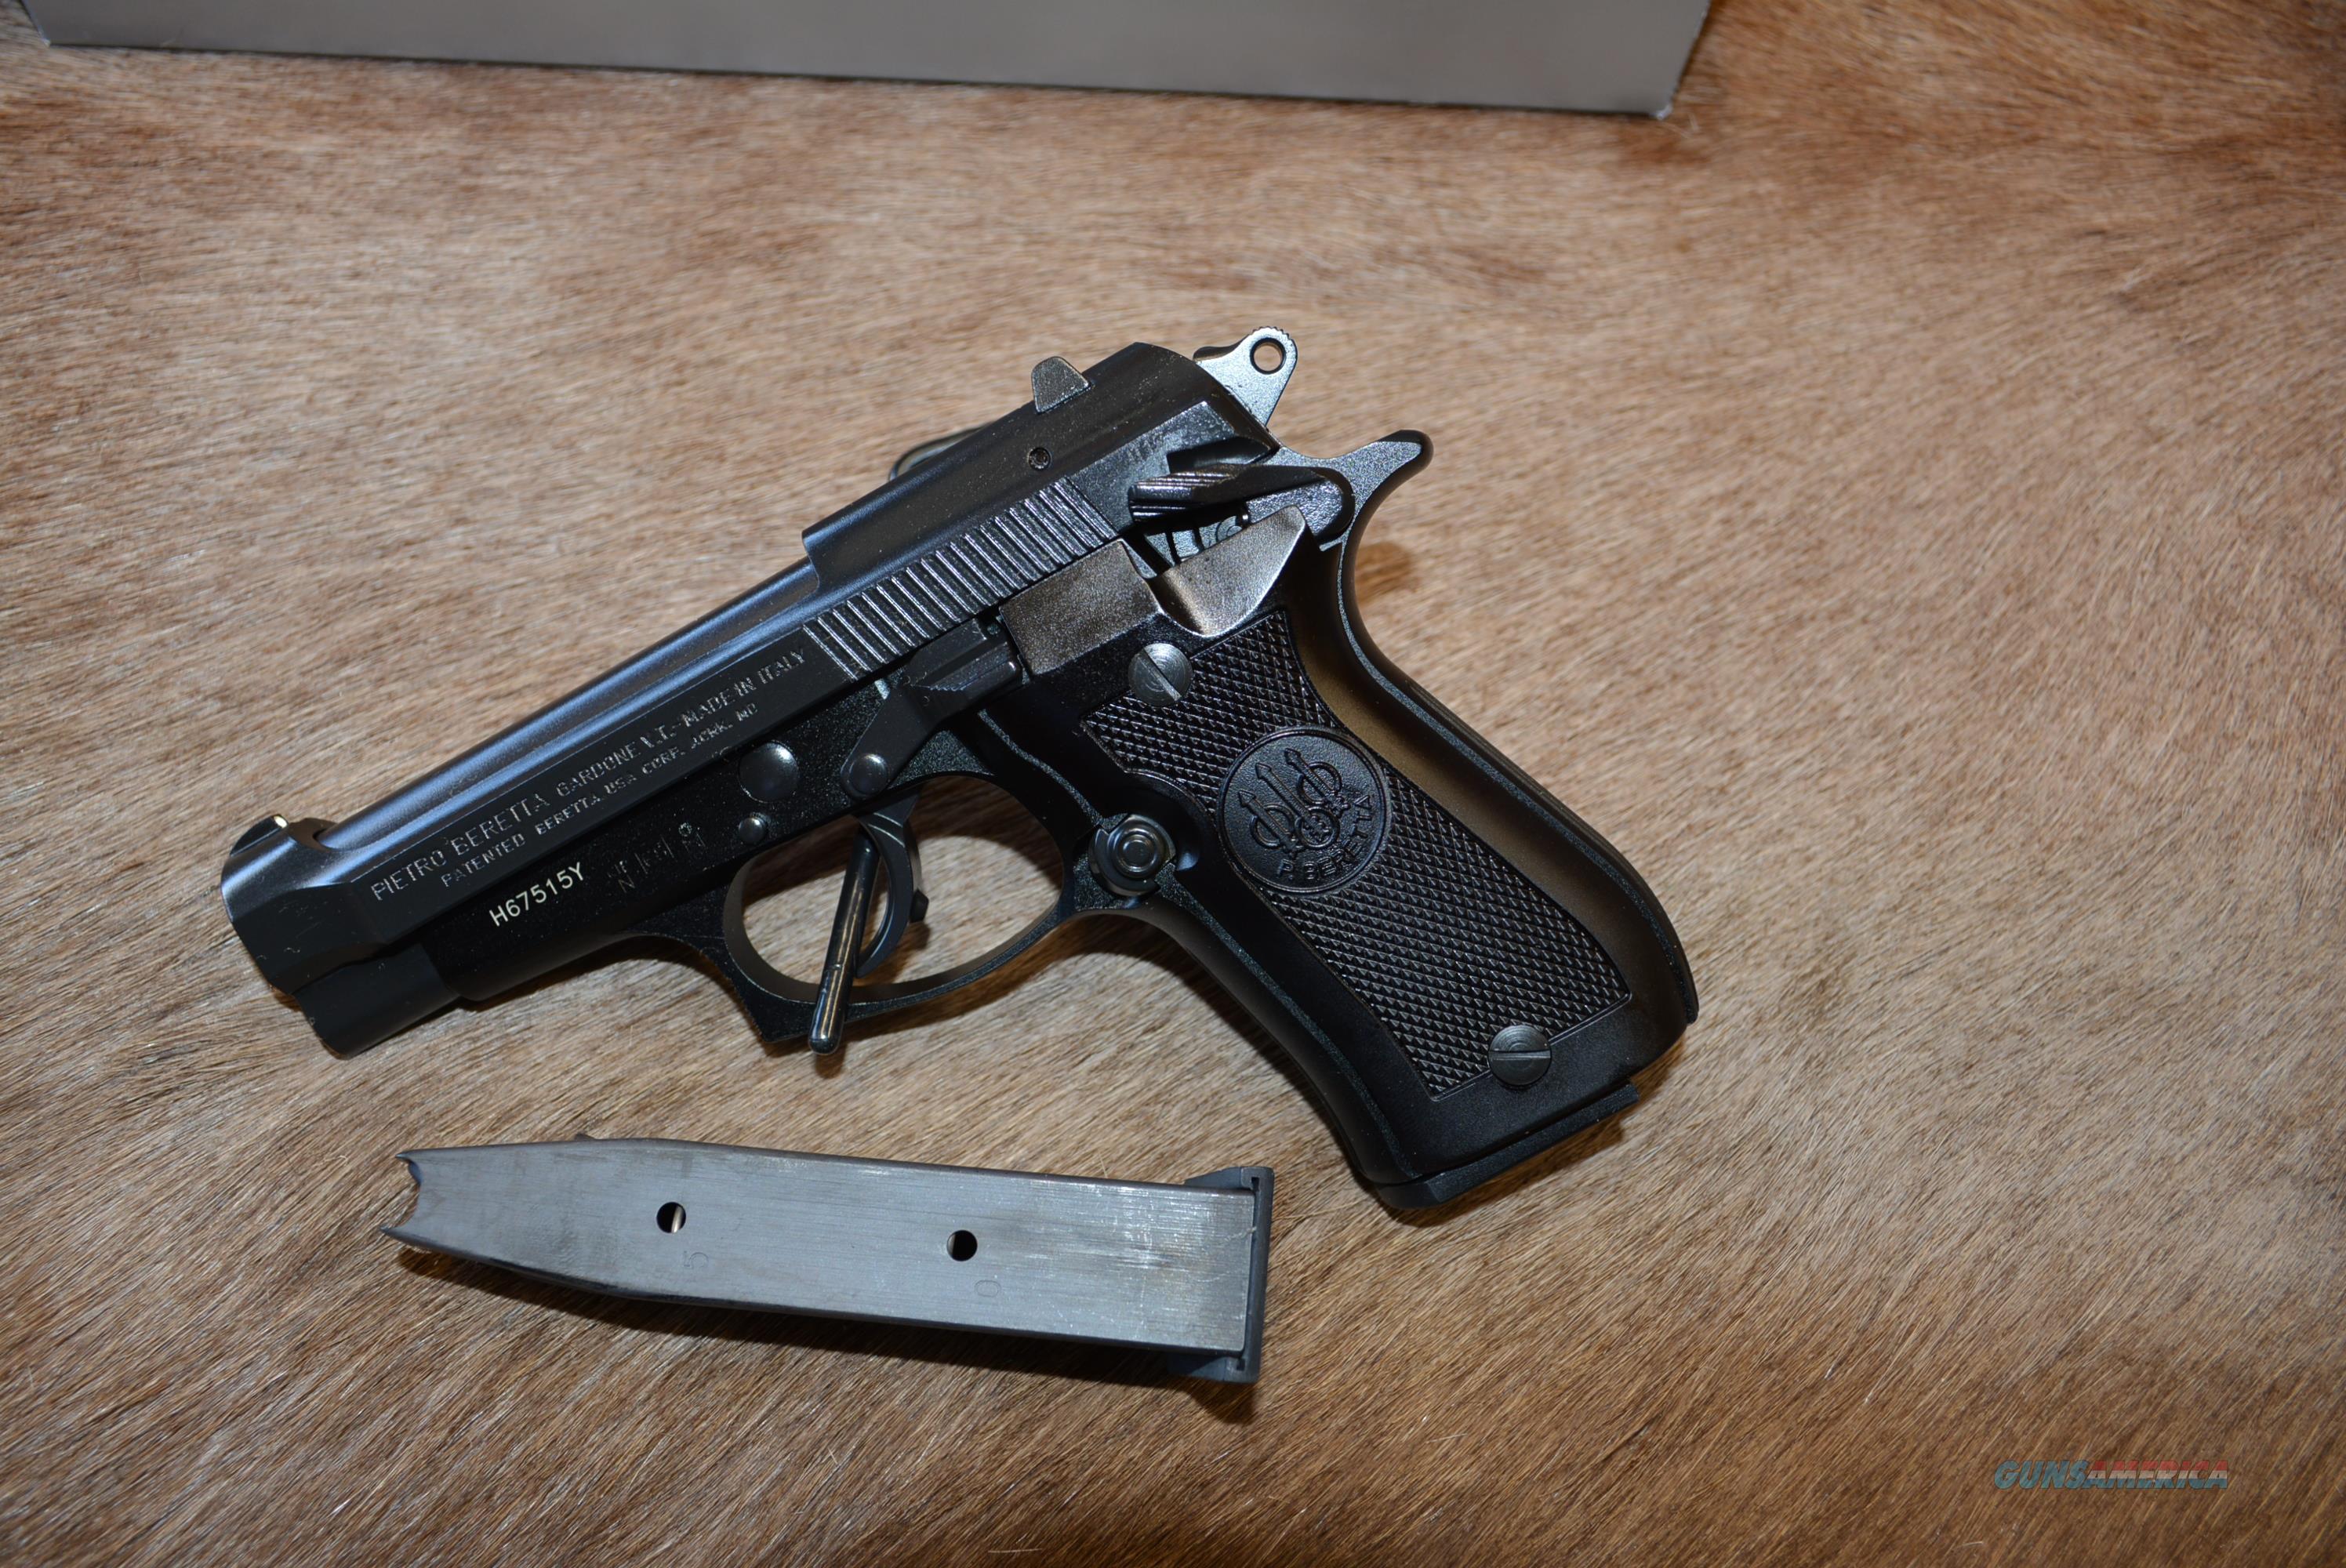 Beretta 84 Cheetah 2-10 rd NIB   Guns > Pistols > Beretta Pistols > Cheetah Series > Model 84